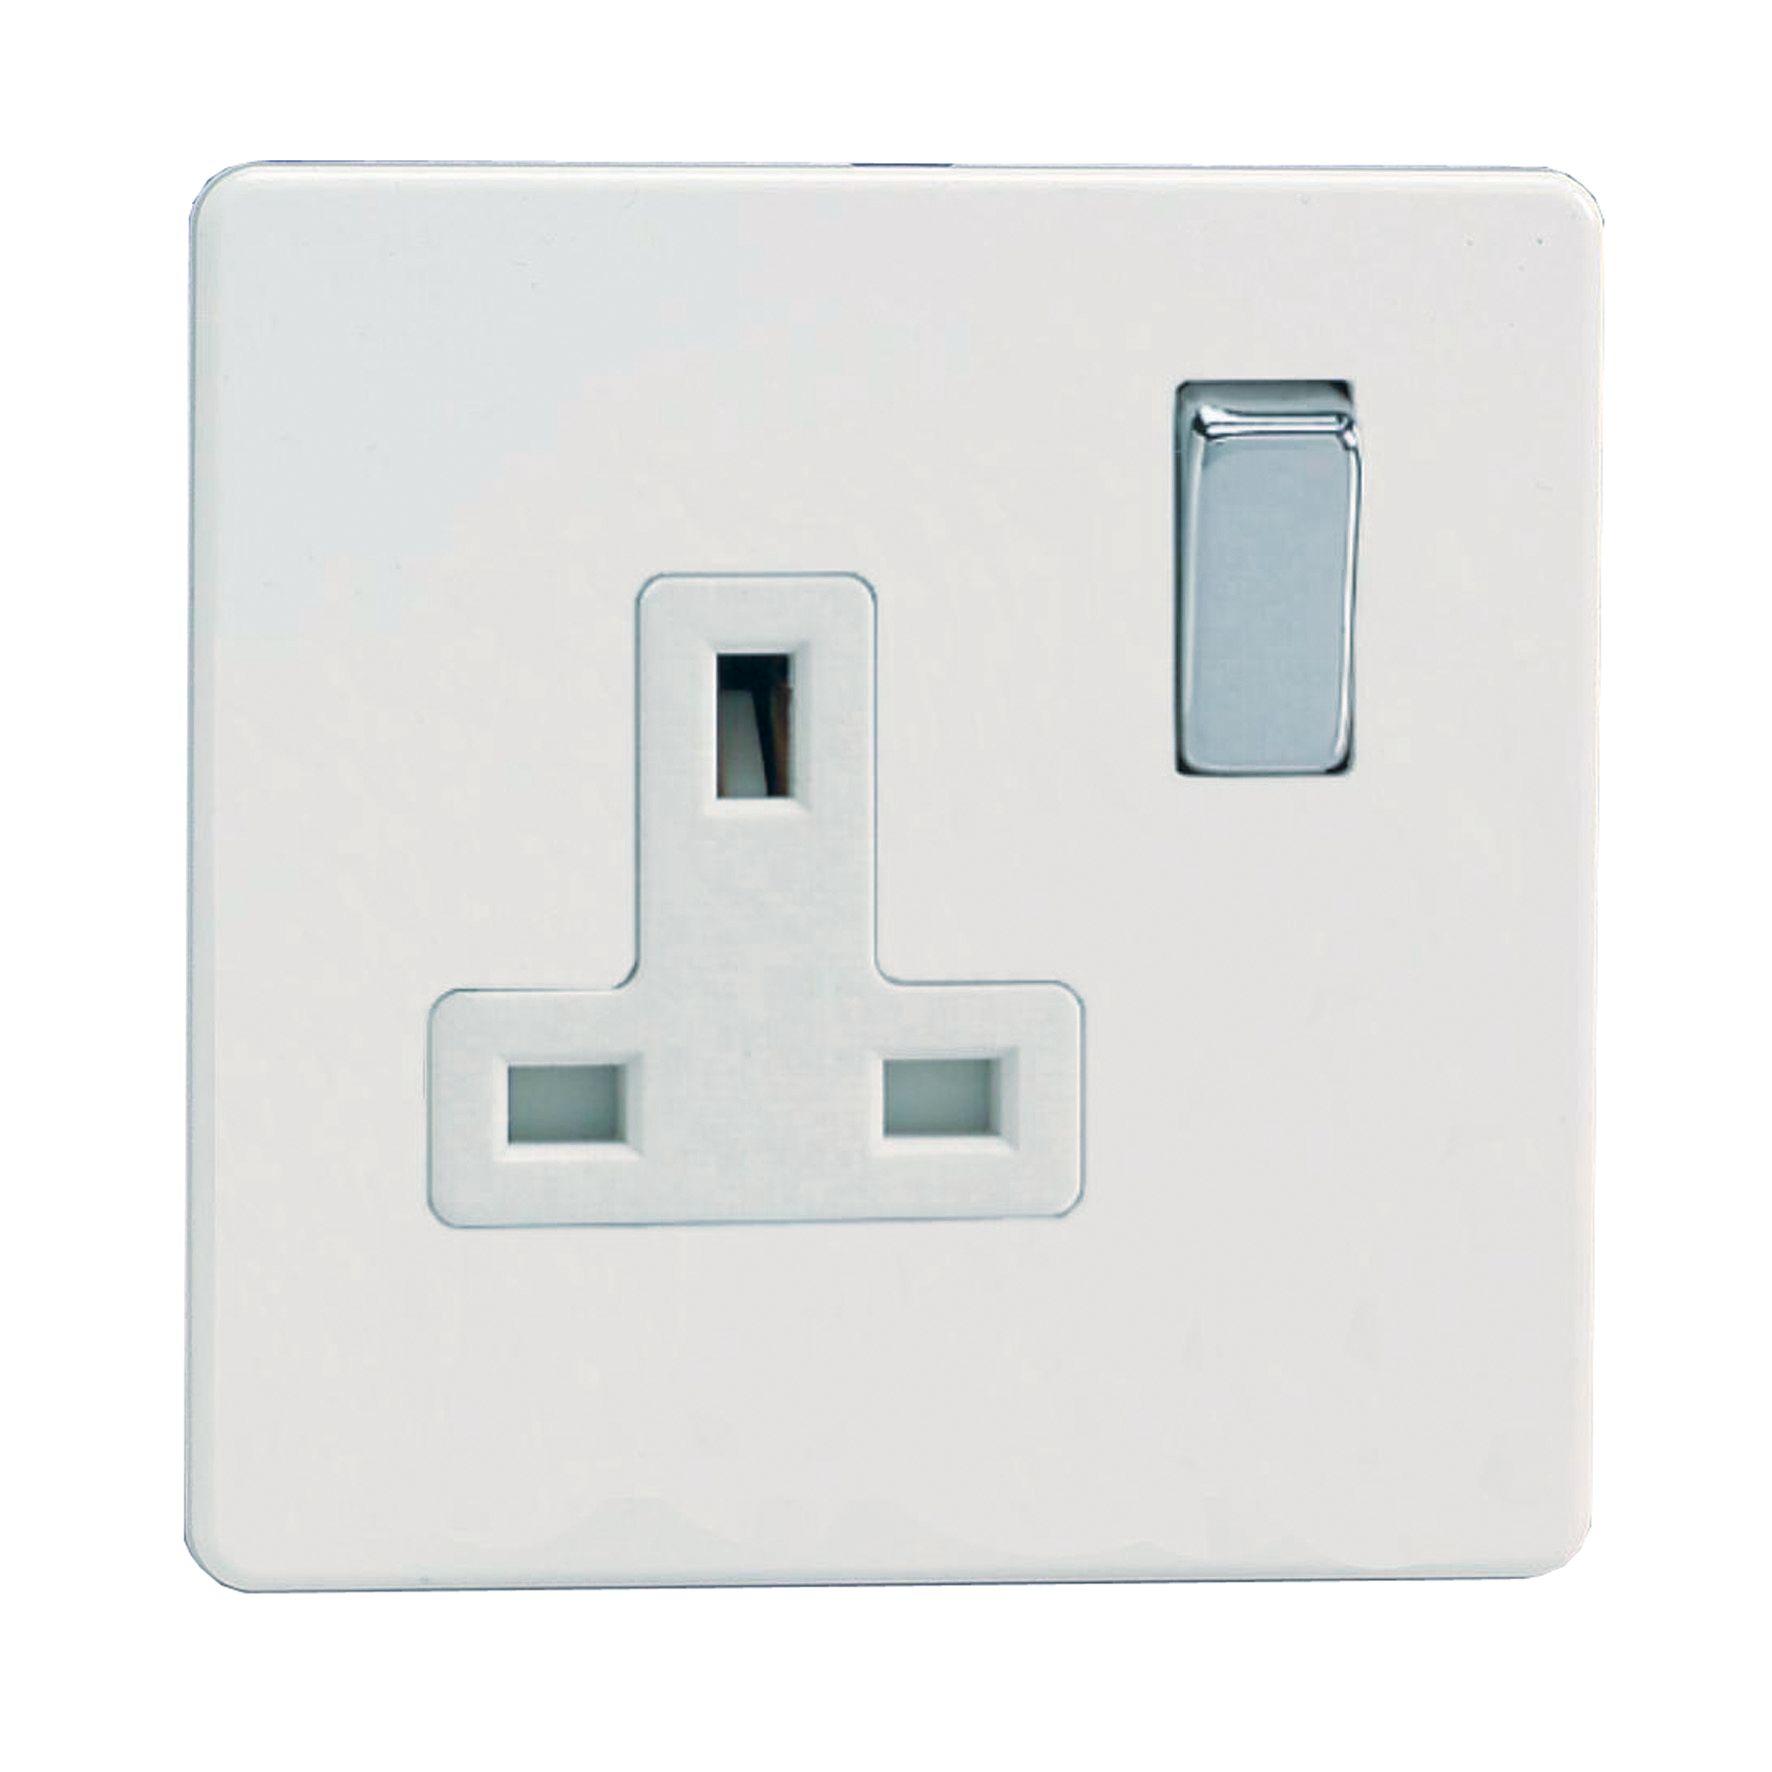 Varilight 13a Ice White Switched Single Socket